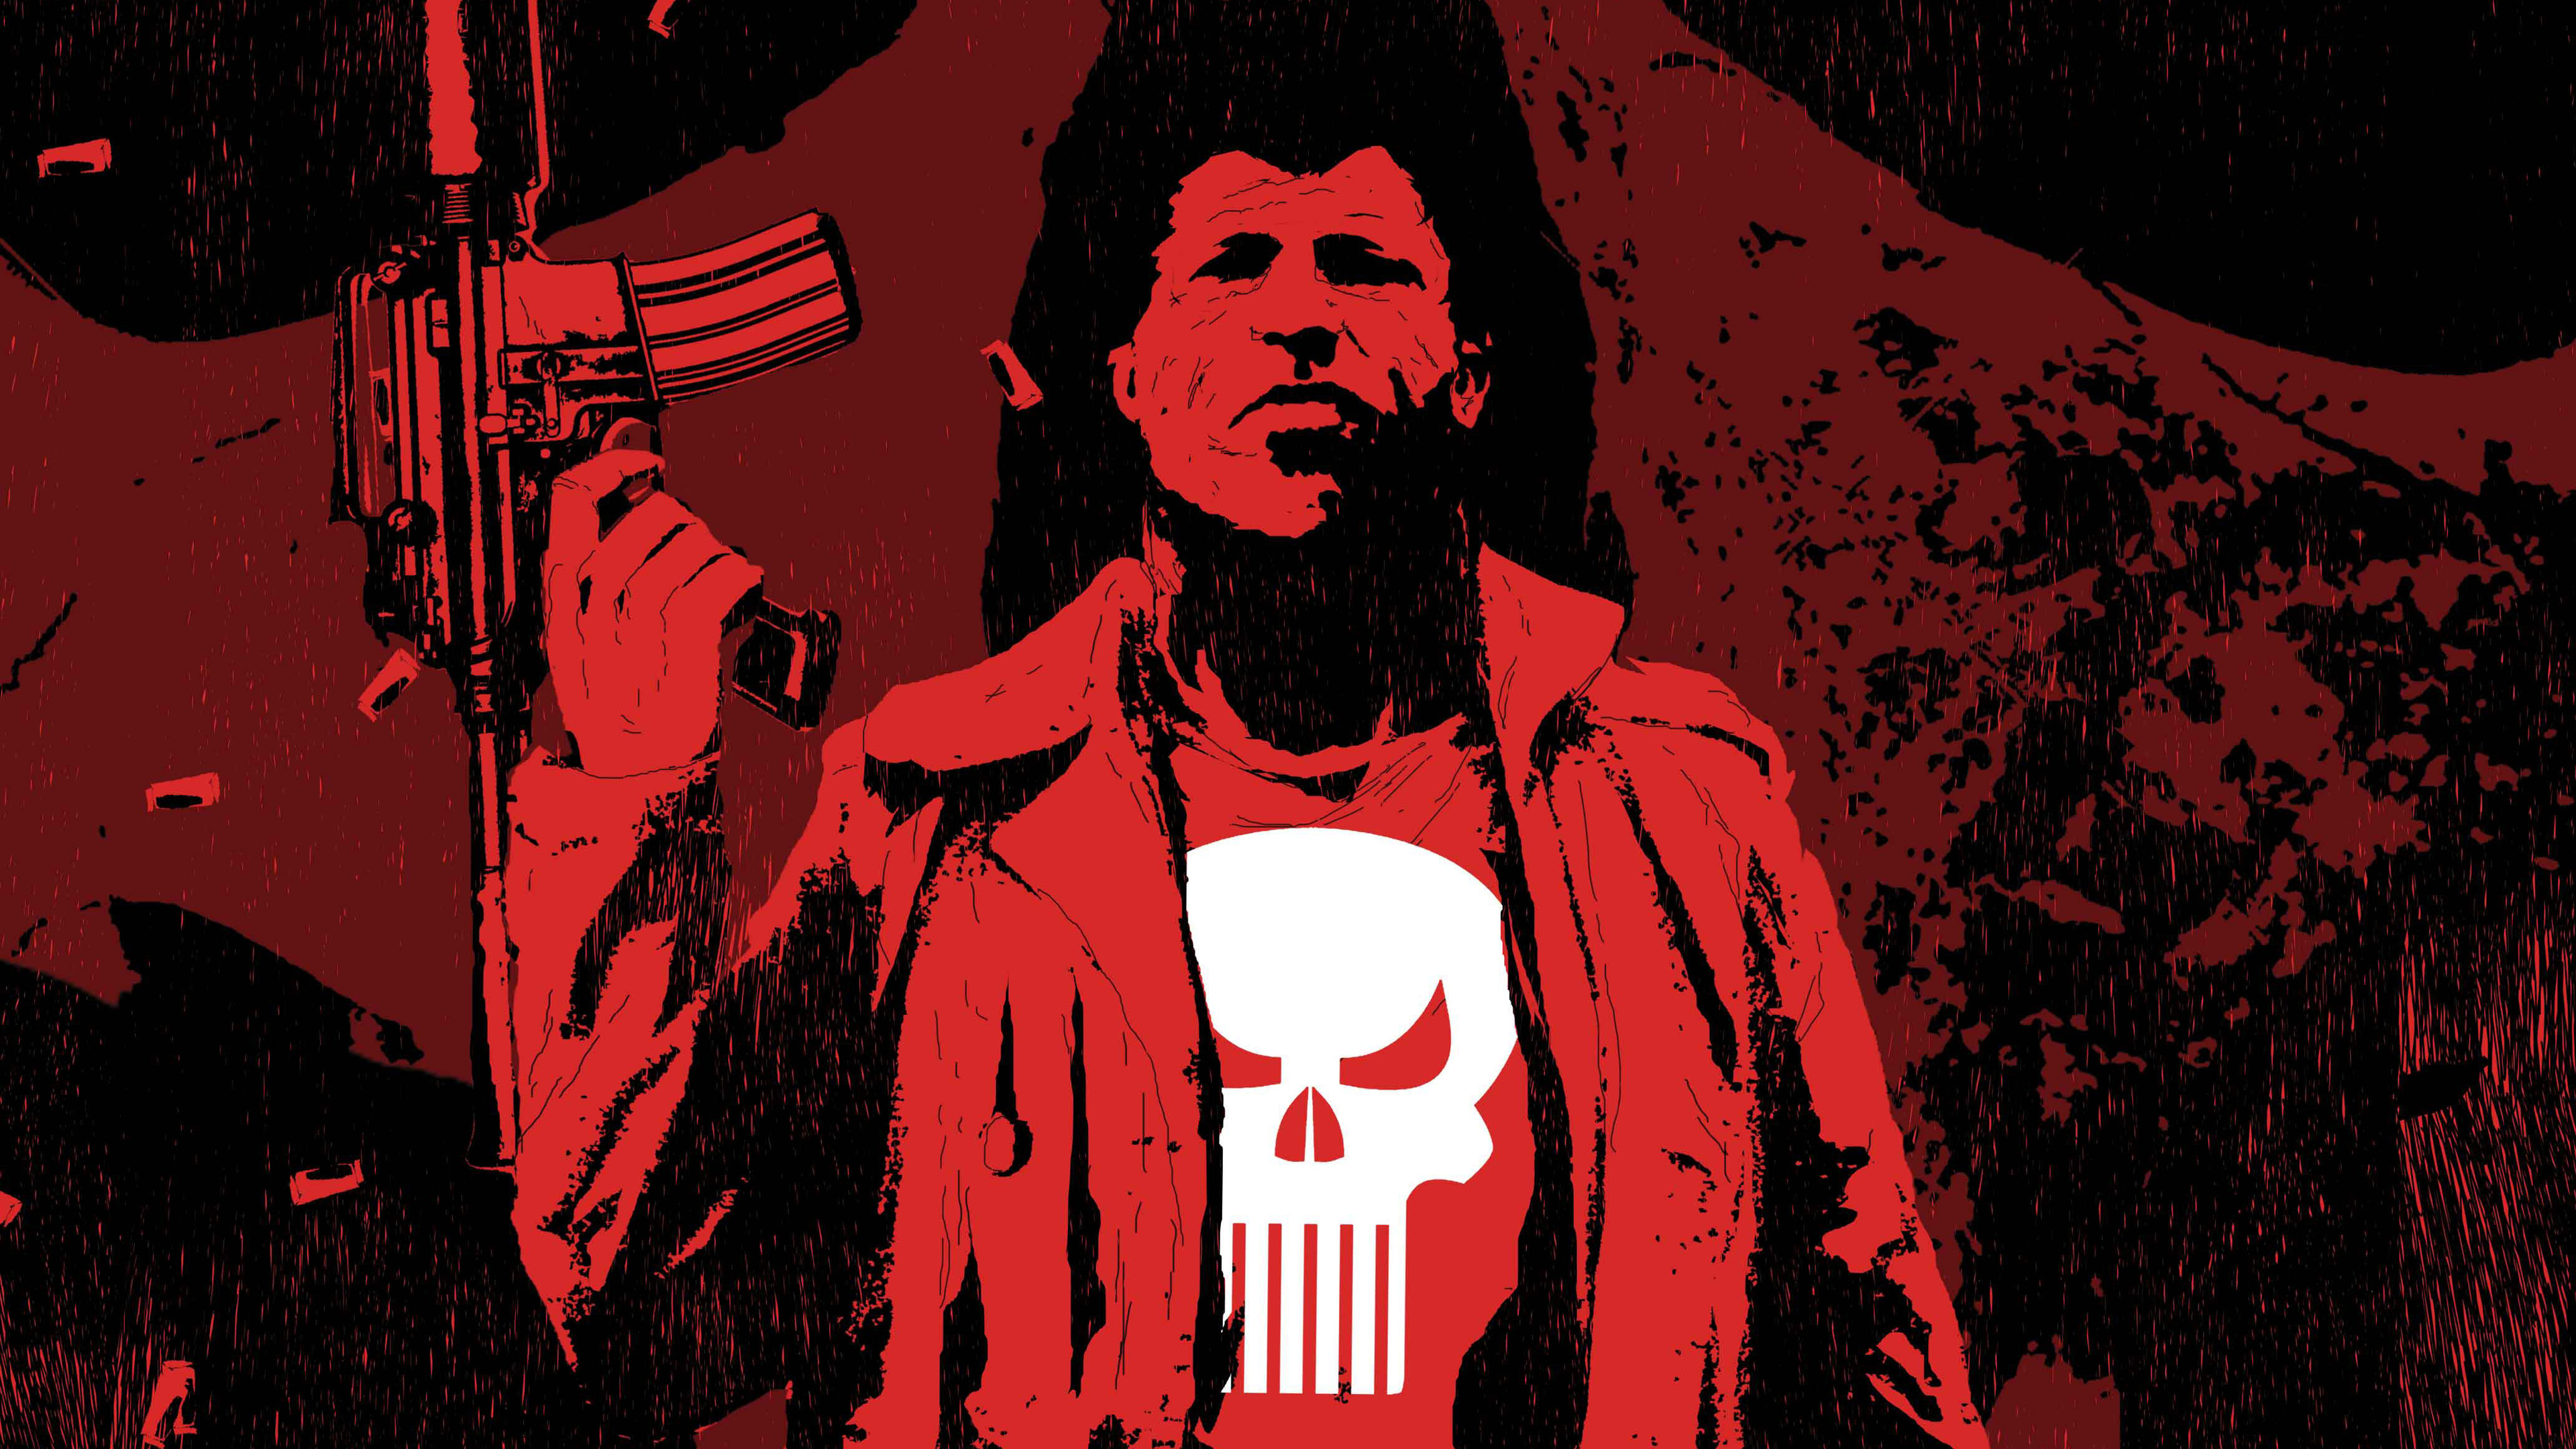 Wallpaper 4k The Punisher Art 4k 4k Wallpapers Artist